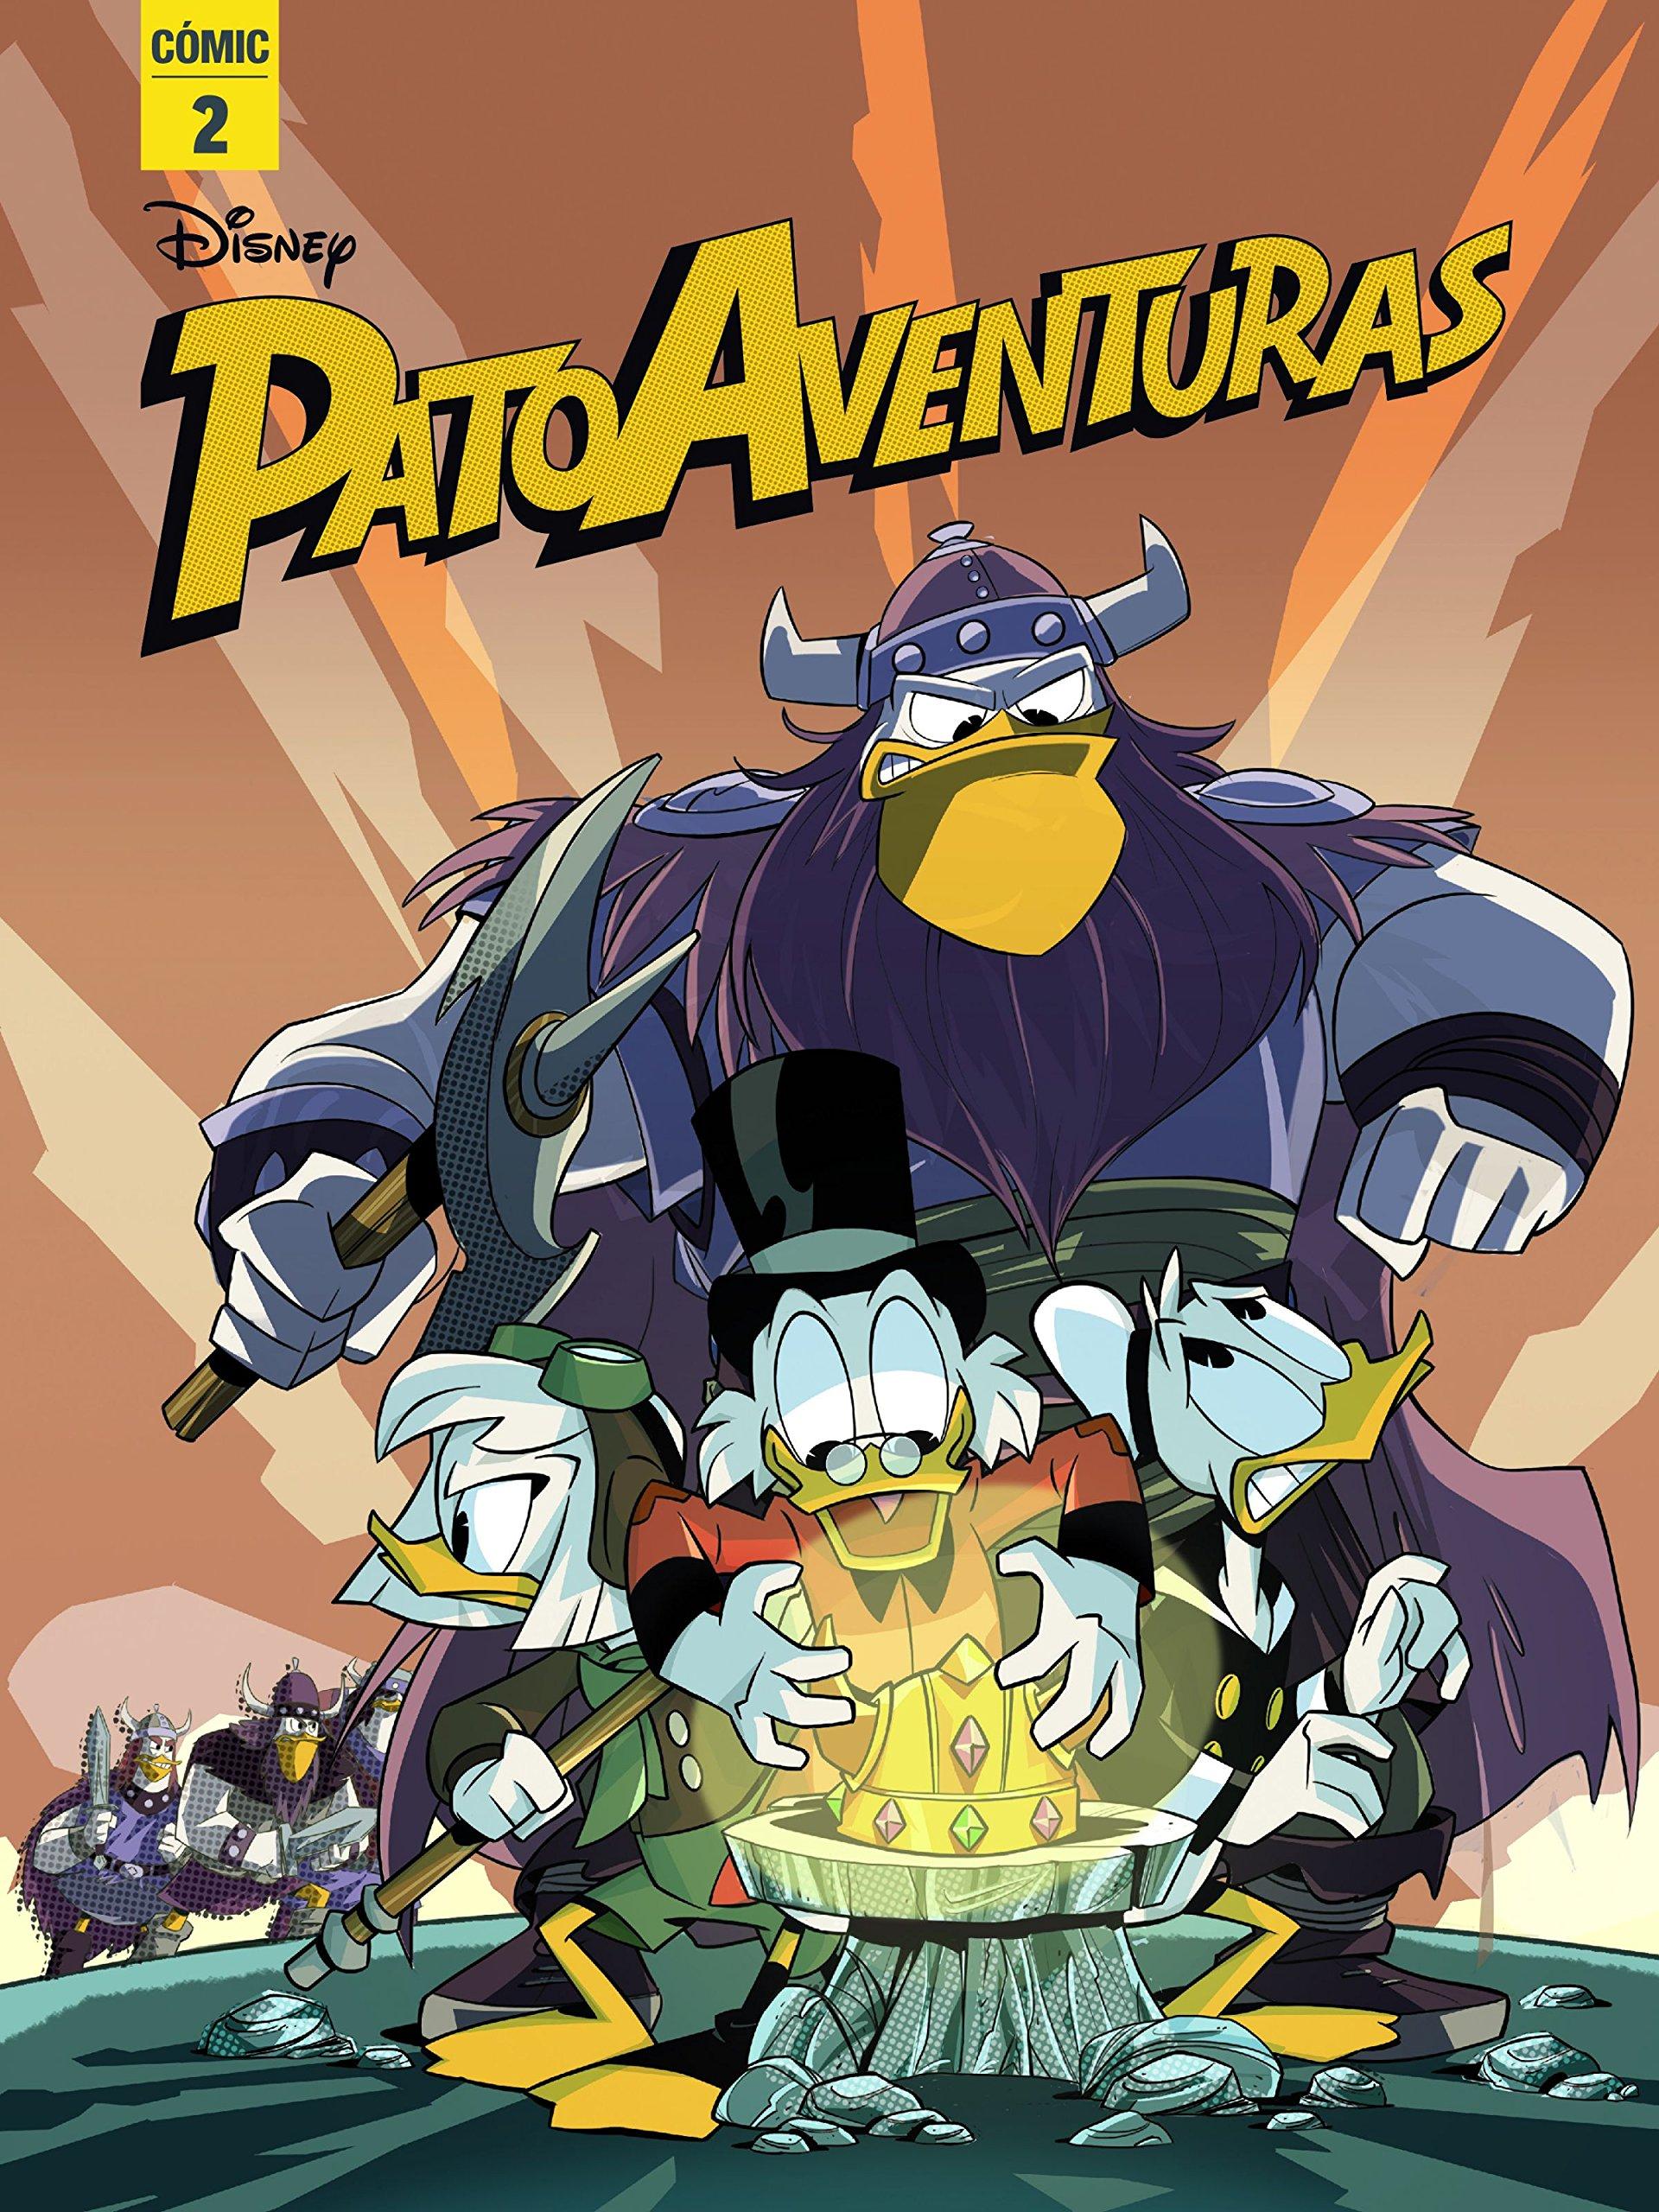 Patoaventuras 2: Cómic (Disney. Patoaventuras): Amazon.es: Disney, Editorial Planeta S. A.: Libros